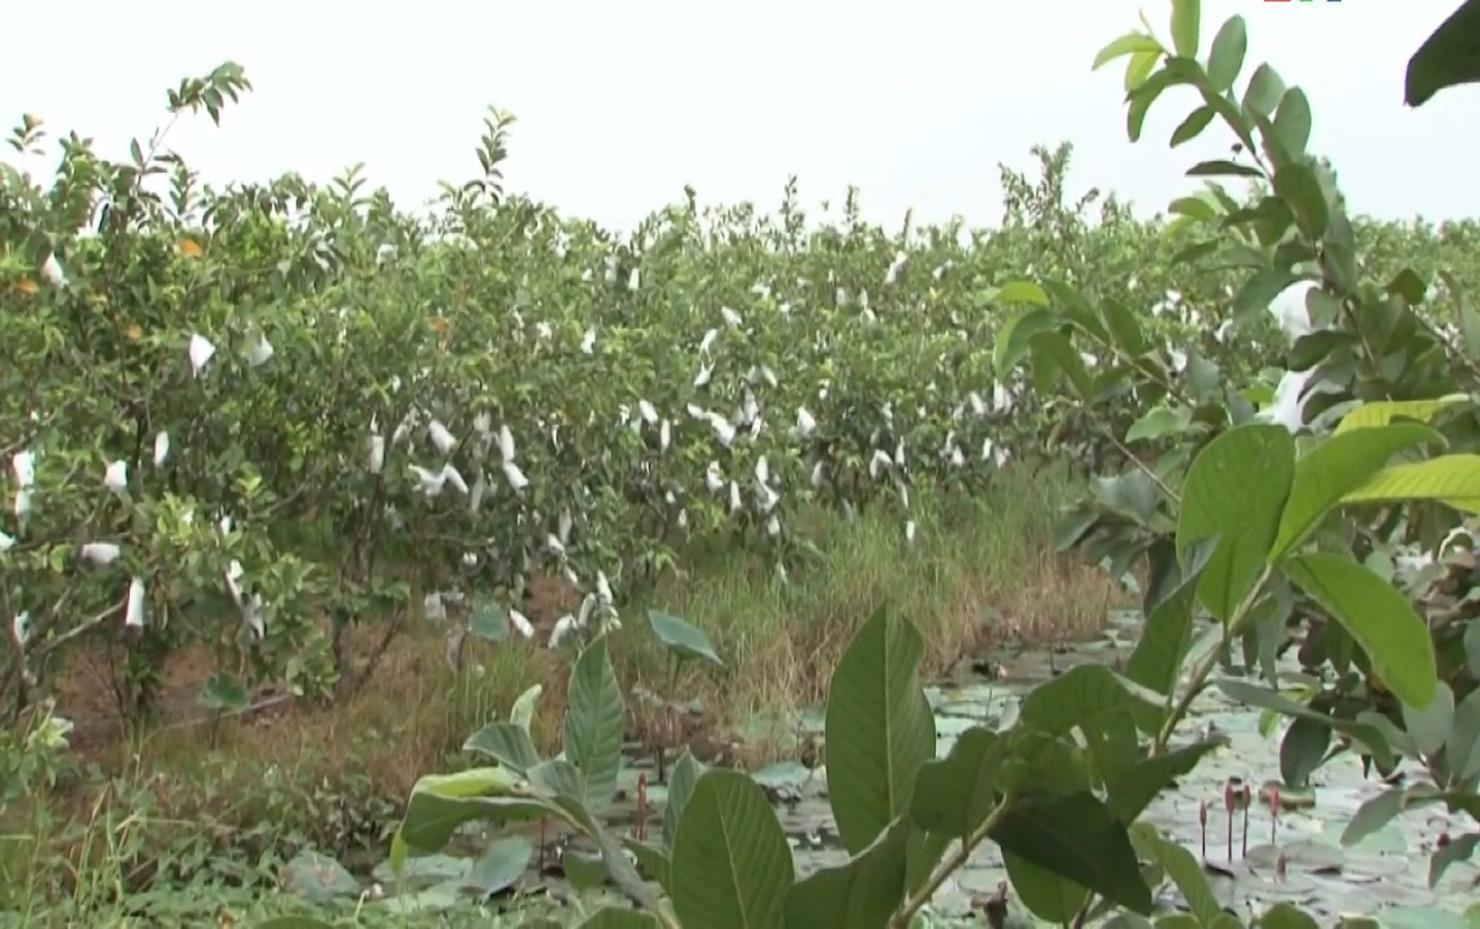 Anh nông dân trồng ổi theo quy trình VietGAP, vườn ổi ngày nào cũng sai trái hơn, đầu ra cũng ngày càng thuận lợi - Ảnh 2.